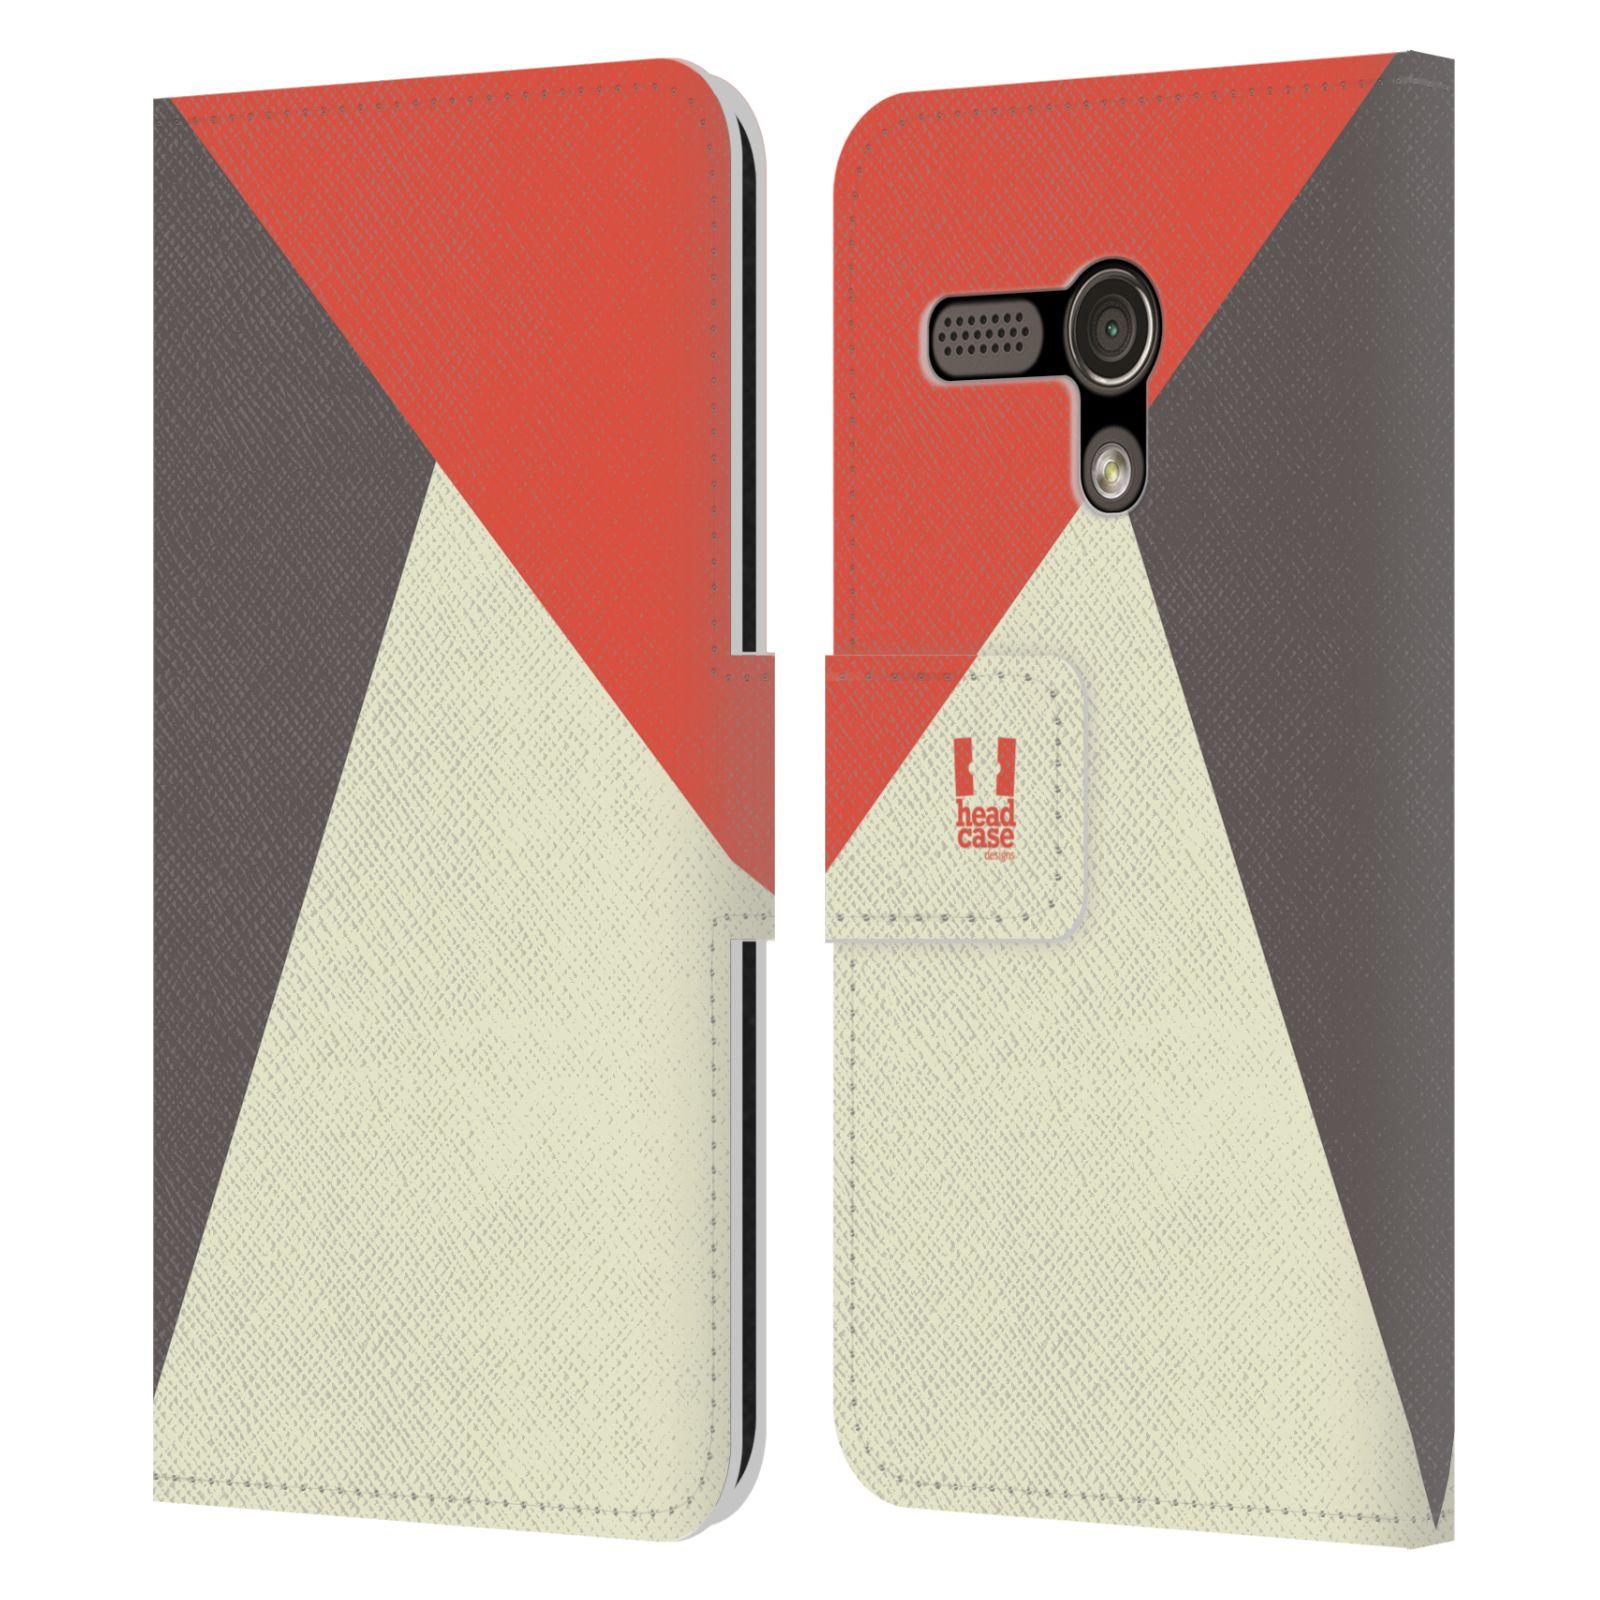 HEAD CASE Flipové pouzdro pro mobil Motorola MOTO G barevné tvary červená a šedá COOL